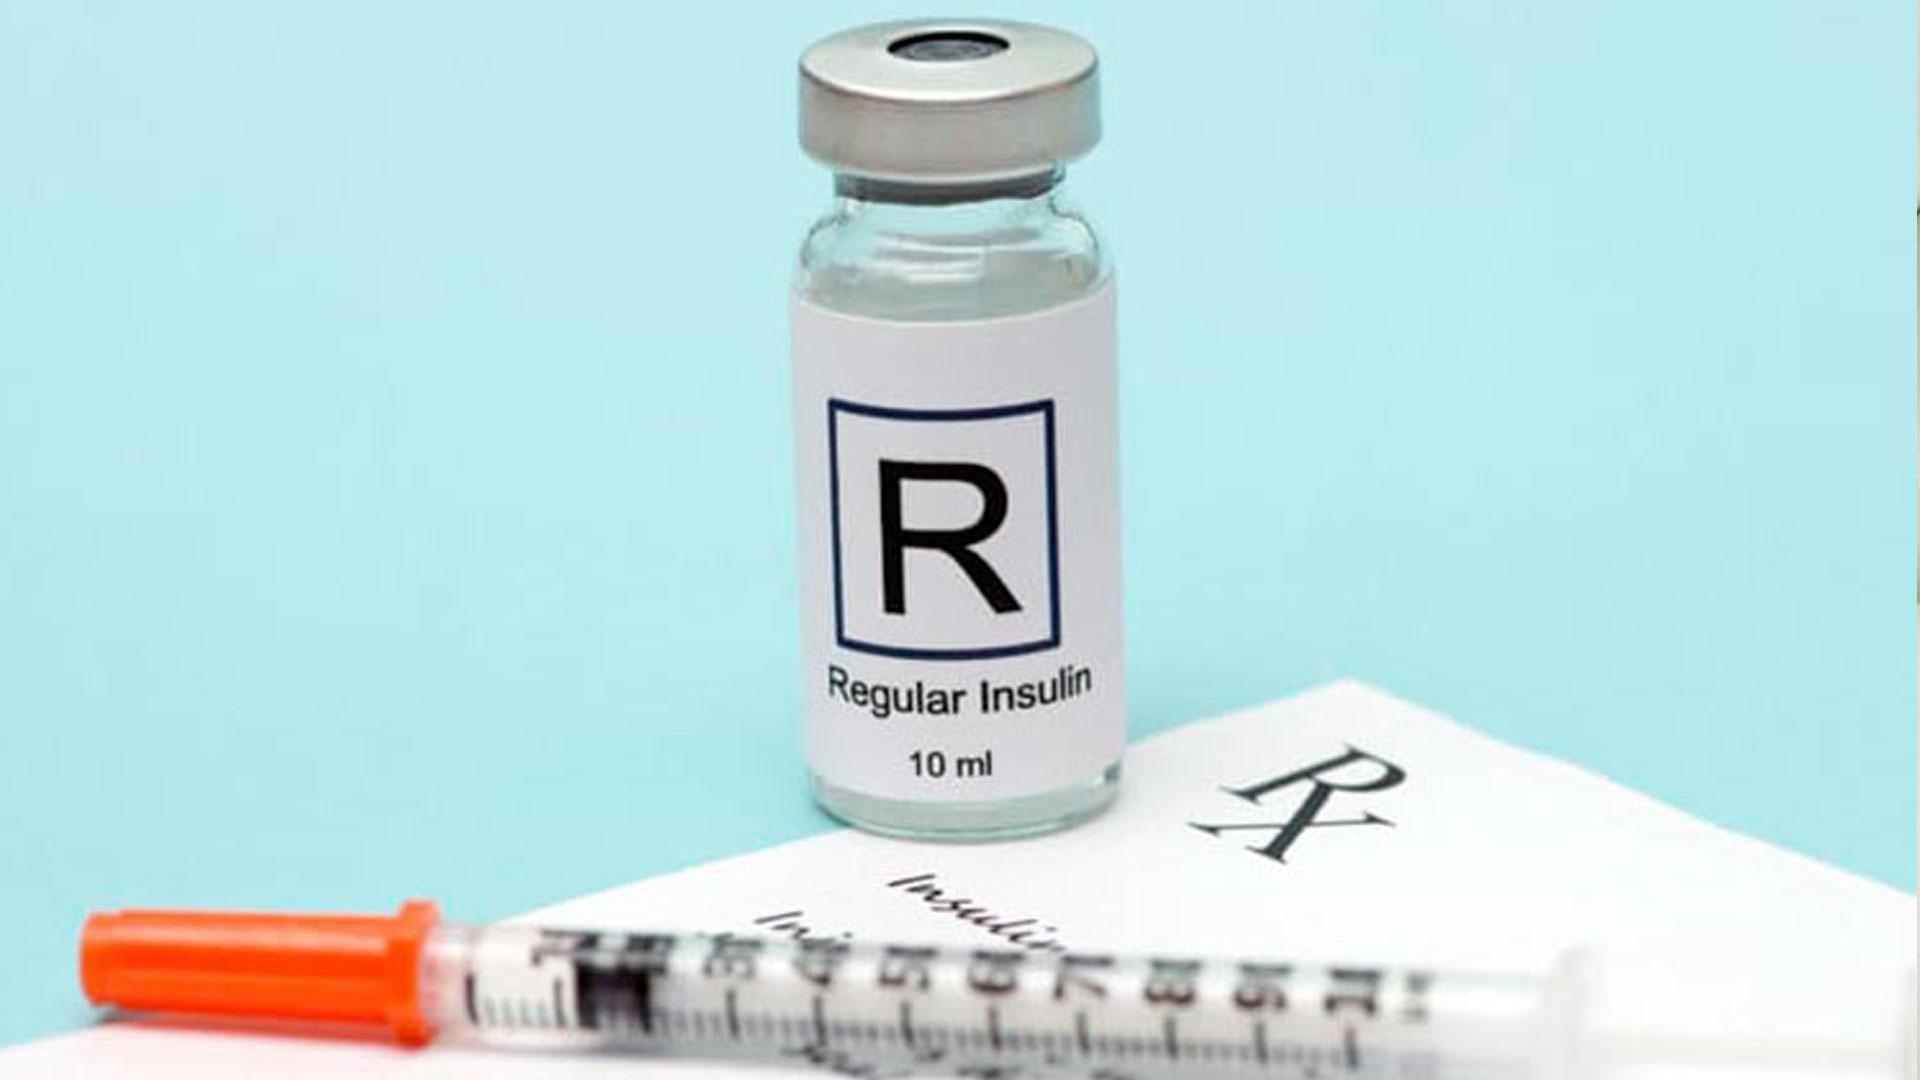 Diabete, un giorno potremo fare a meno dell'insulina?